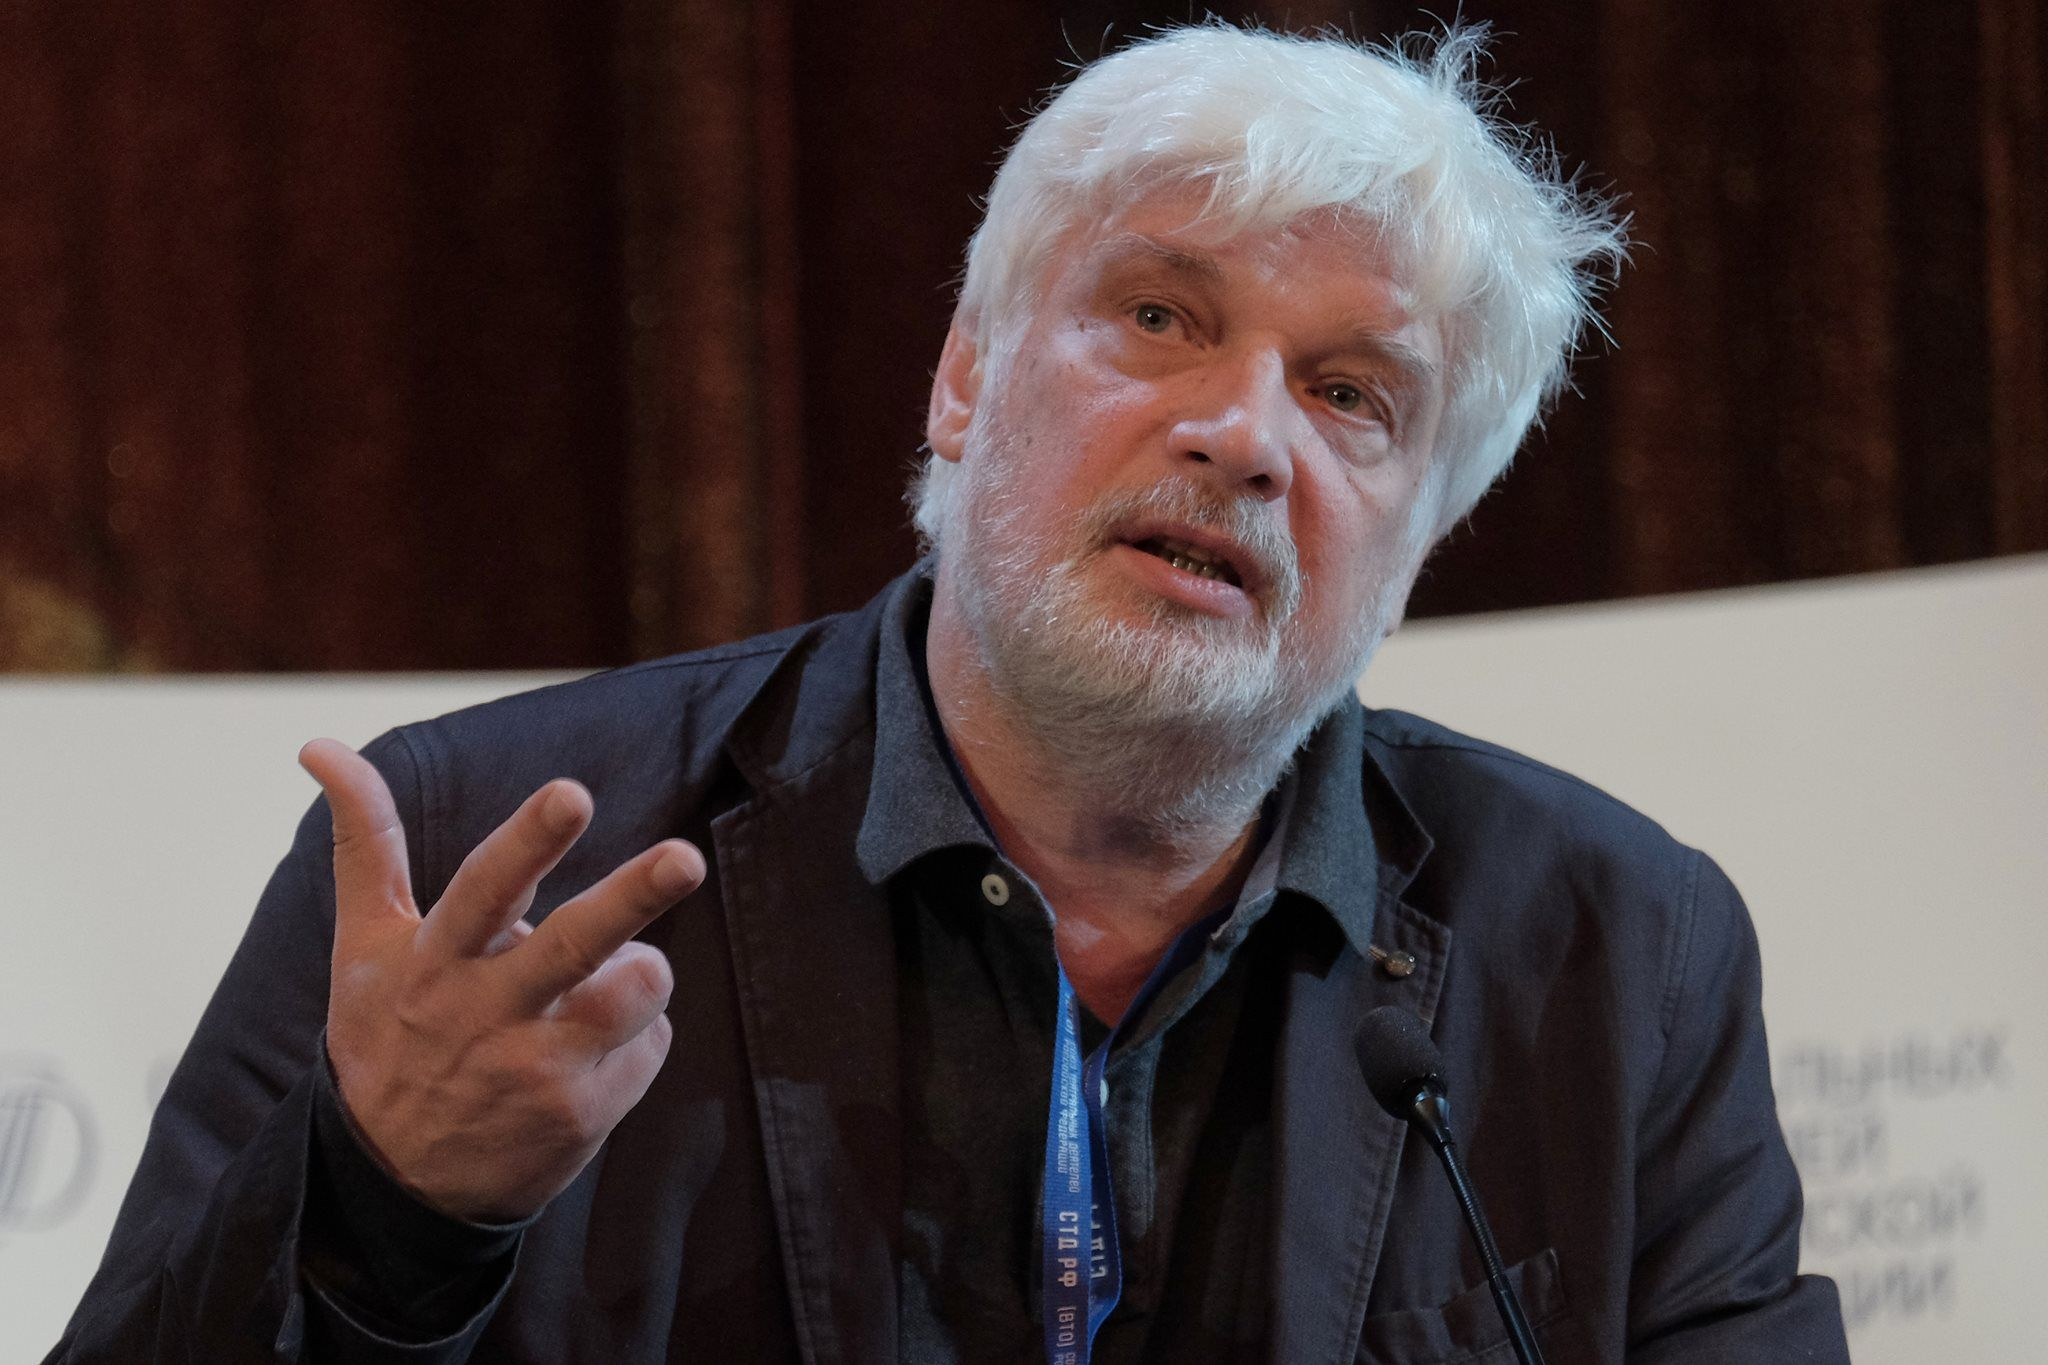 ВМоскве стартовал фестиваль-мастерская имени Дмитрия Брусникина